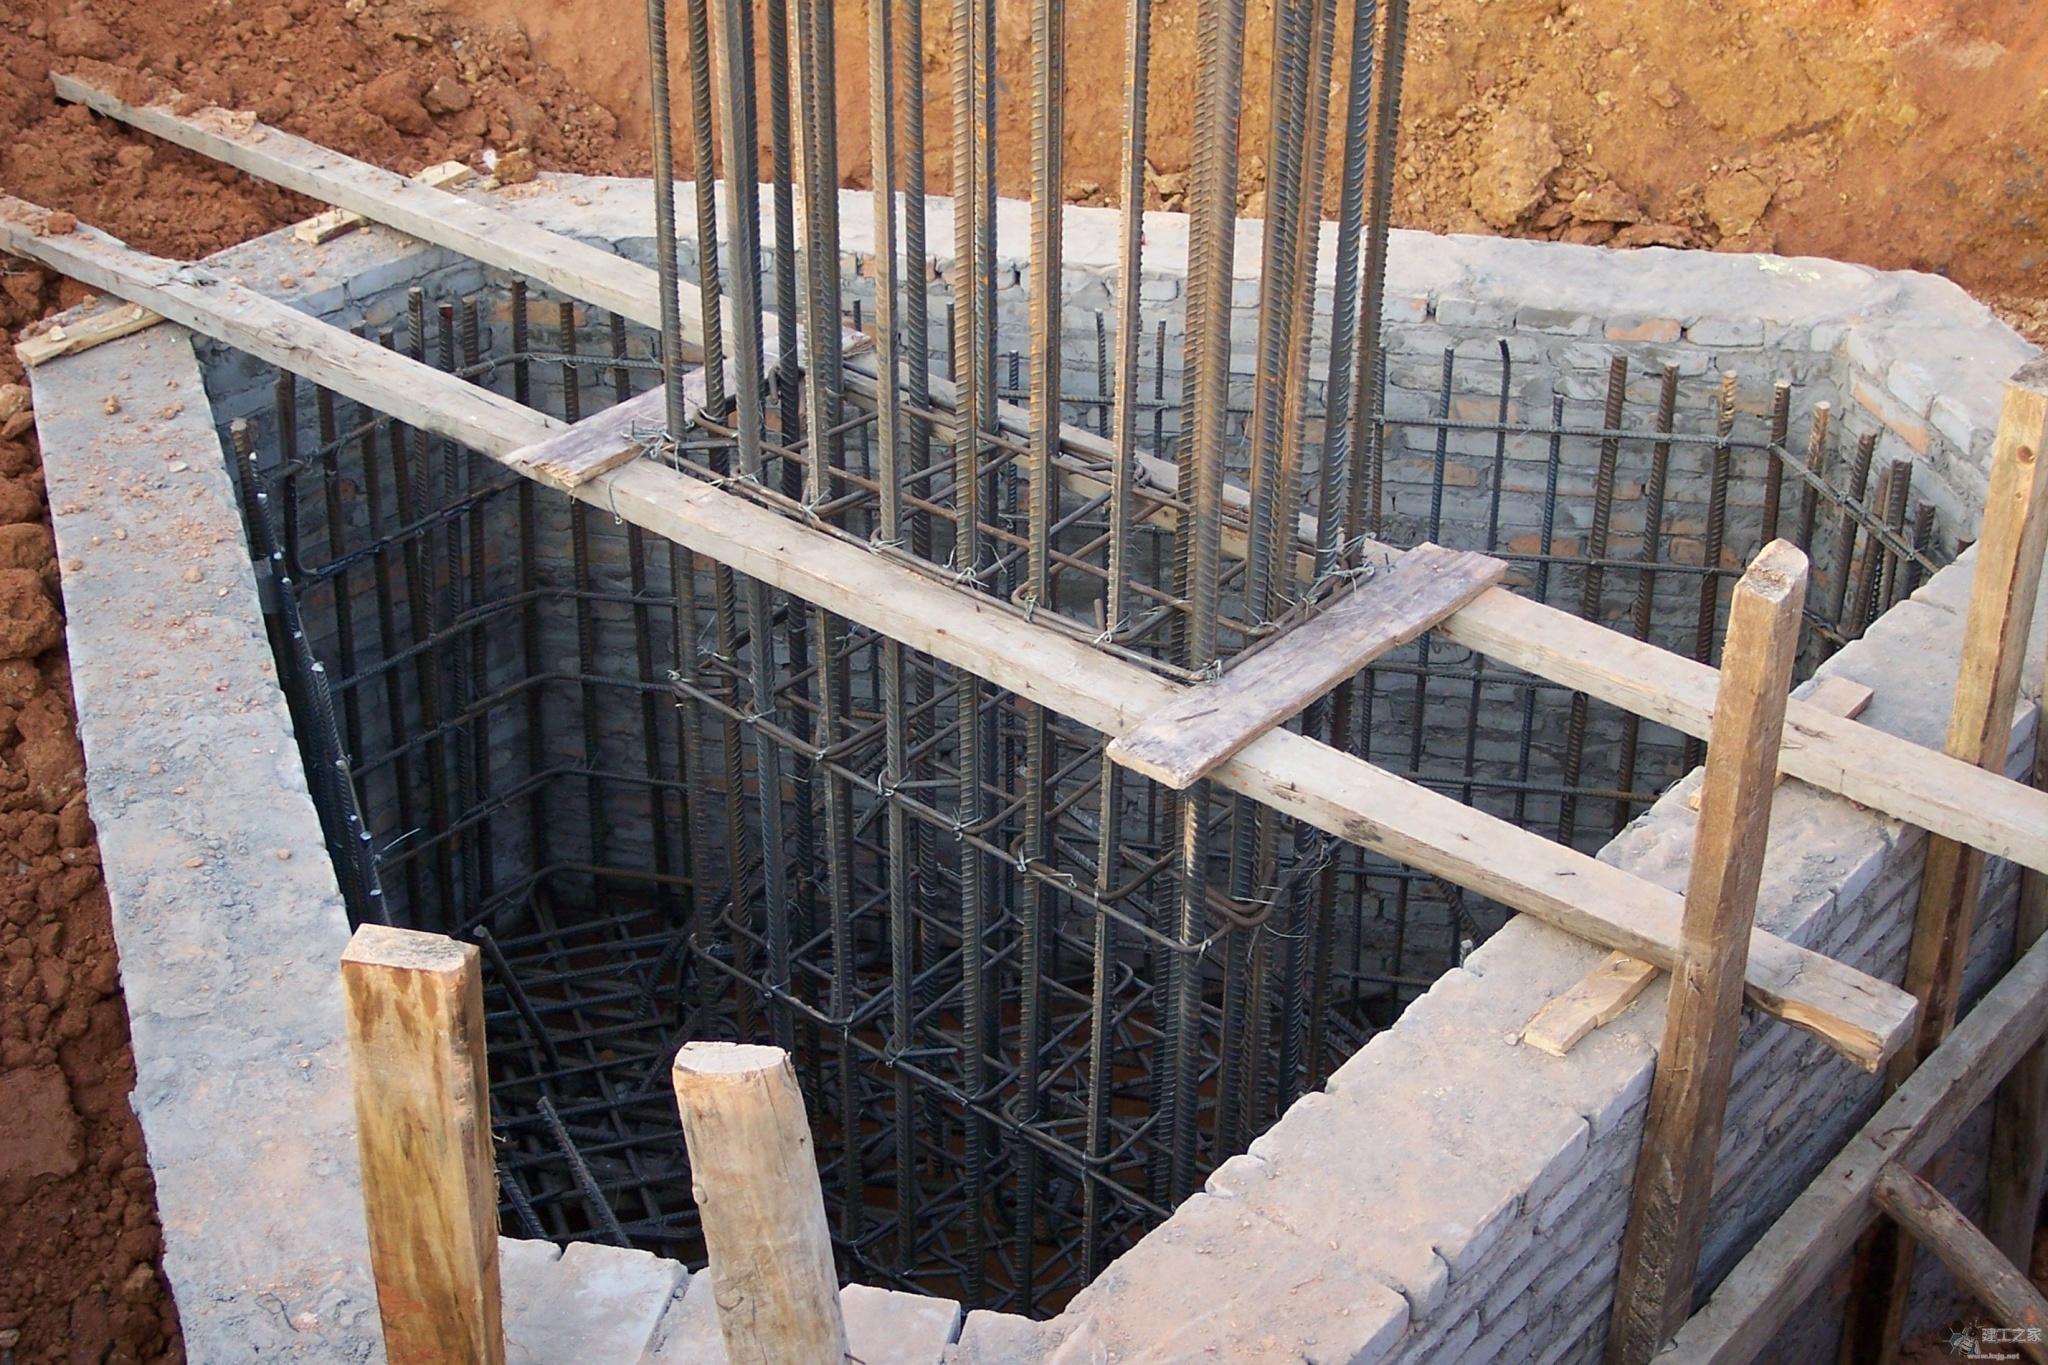 土建工程:即土木建筑工程,是土木工程和建筑工程的总称。是一门为人类生活、生产、防护等活动建造各类设施与场所的工程学科,涵盖了地上、地下、陆地、水上、水下等各范畴内的房屋、道路、铁路、机场、桥梁、水利、港口、隧道、给排水、防护等诸工程范围内的设施与场所内的建筑物、构筑物、工程物的建设,其既包括工程建造过程中的勘测、设计、施工、养护、管理等各项技术活动,又包括建造过程中所耗的材料、设备与物品。 土木建筑工程涉及国民经济中各行各业的存在、活动与发展,没有土木建筑工程为其修建活动的空间和场所,就谈不上各行各业的